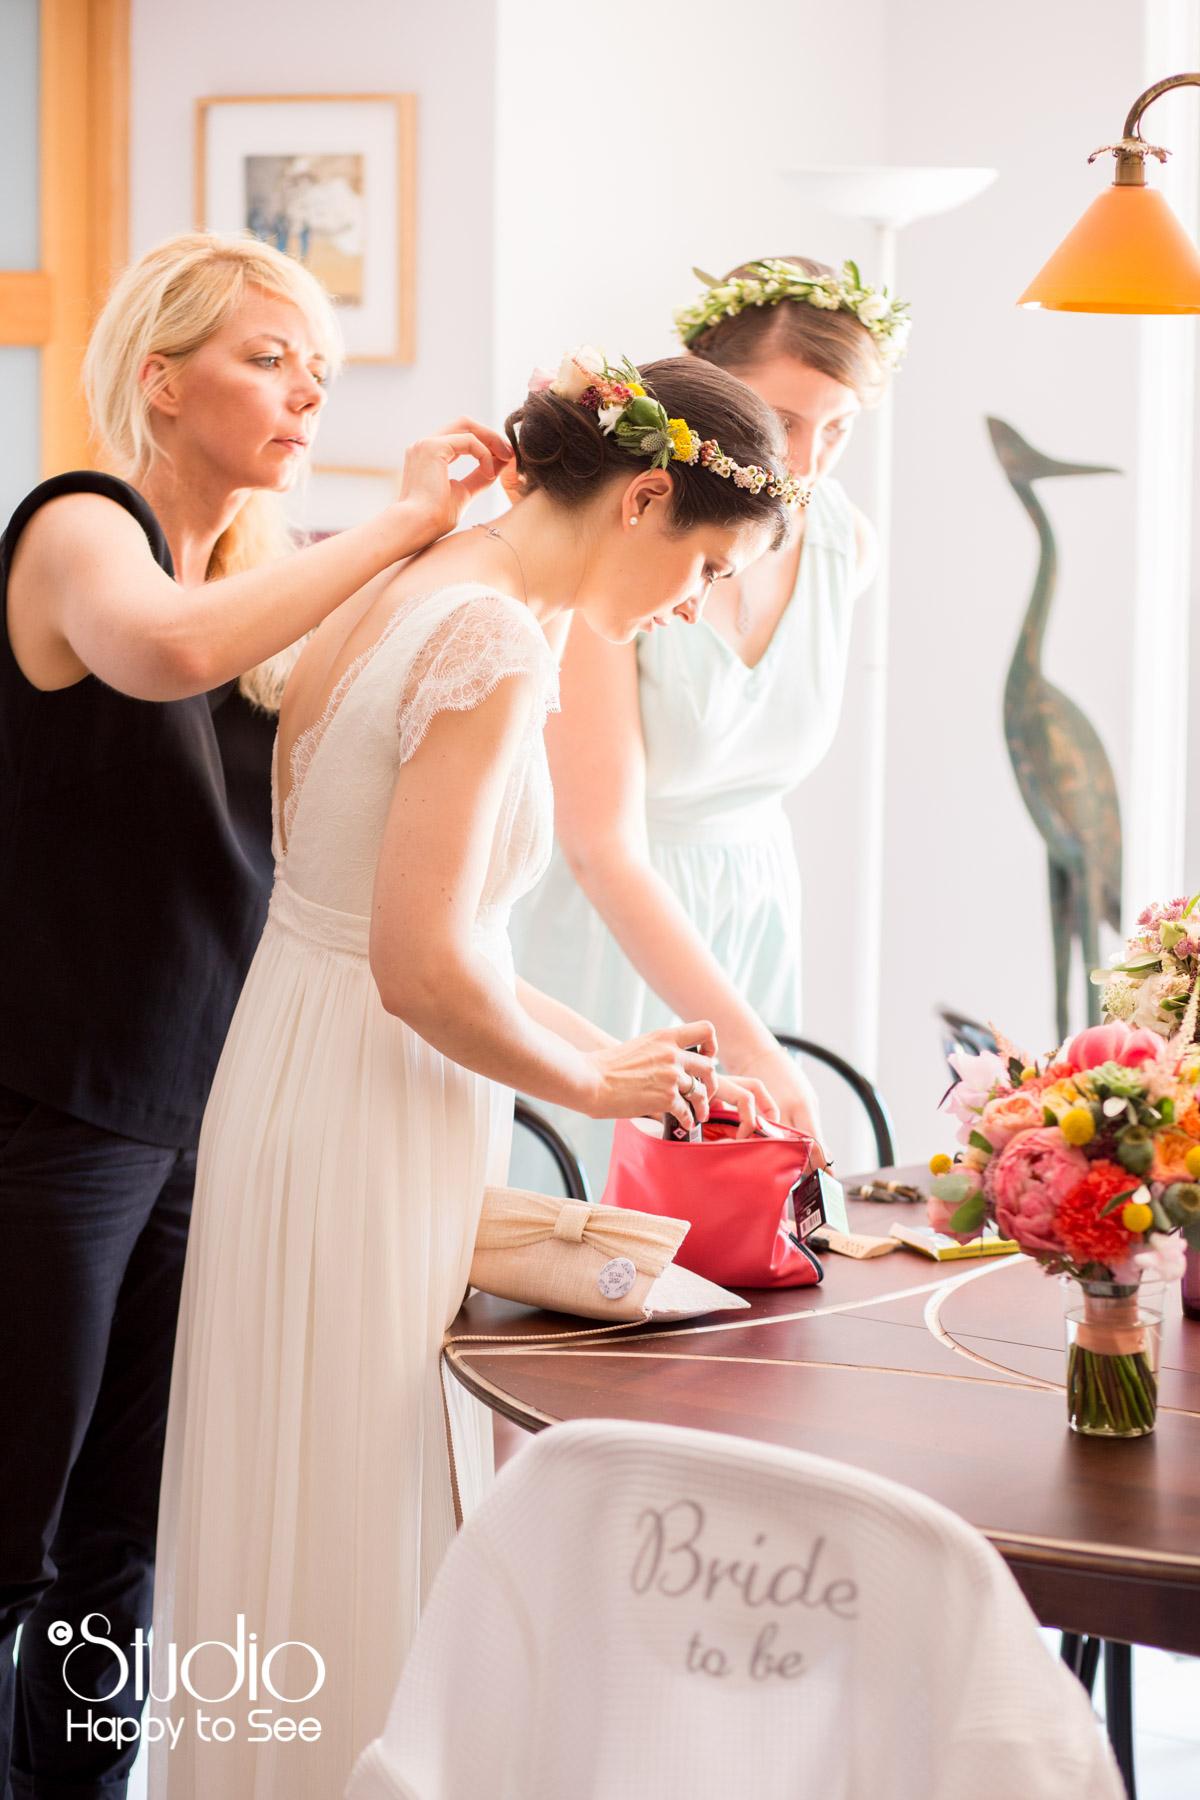 Reportage preparatifs mariage boheme